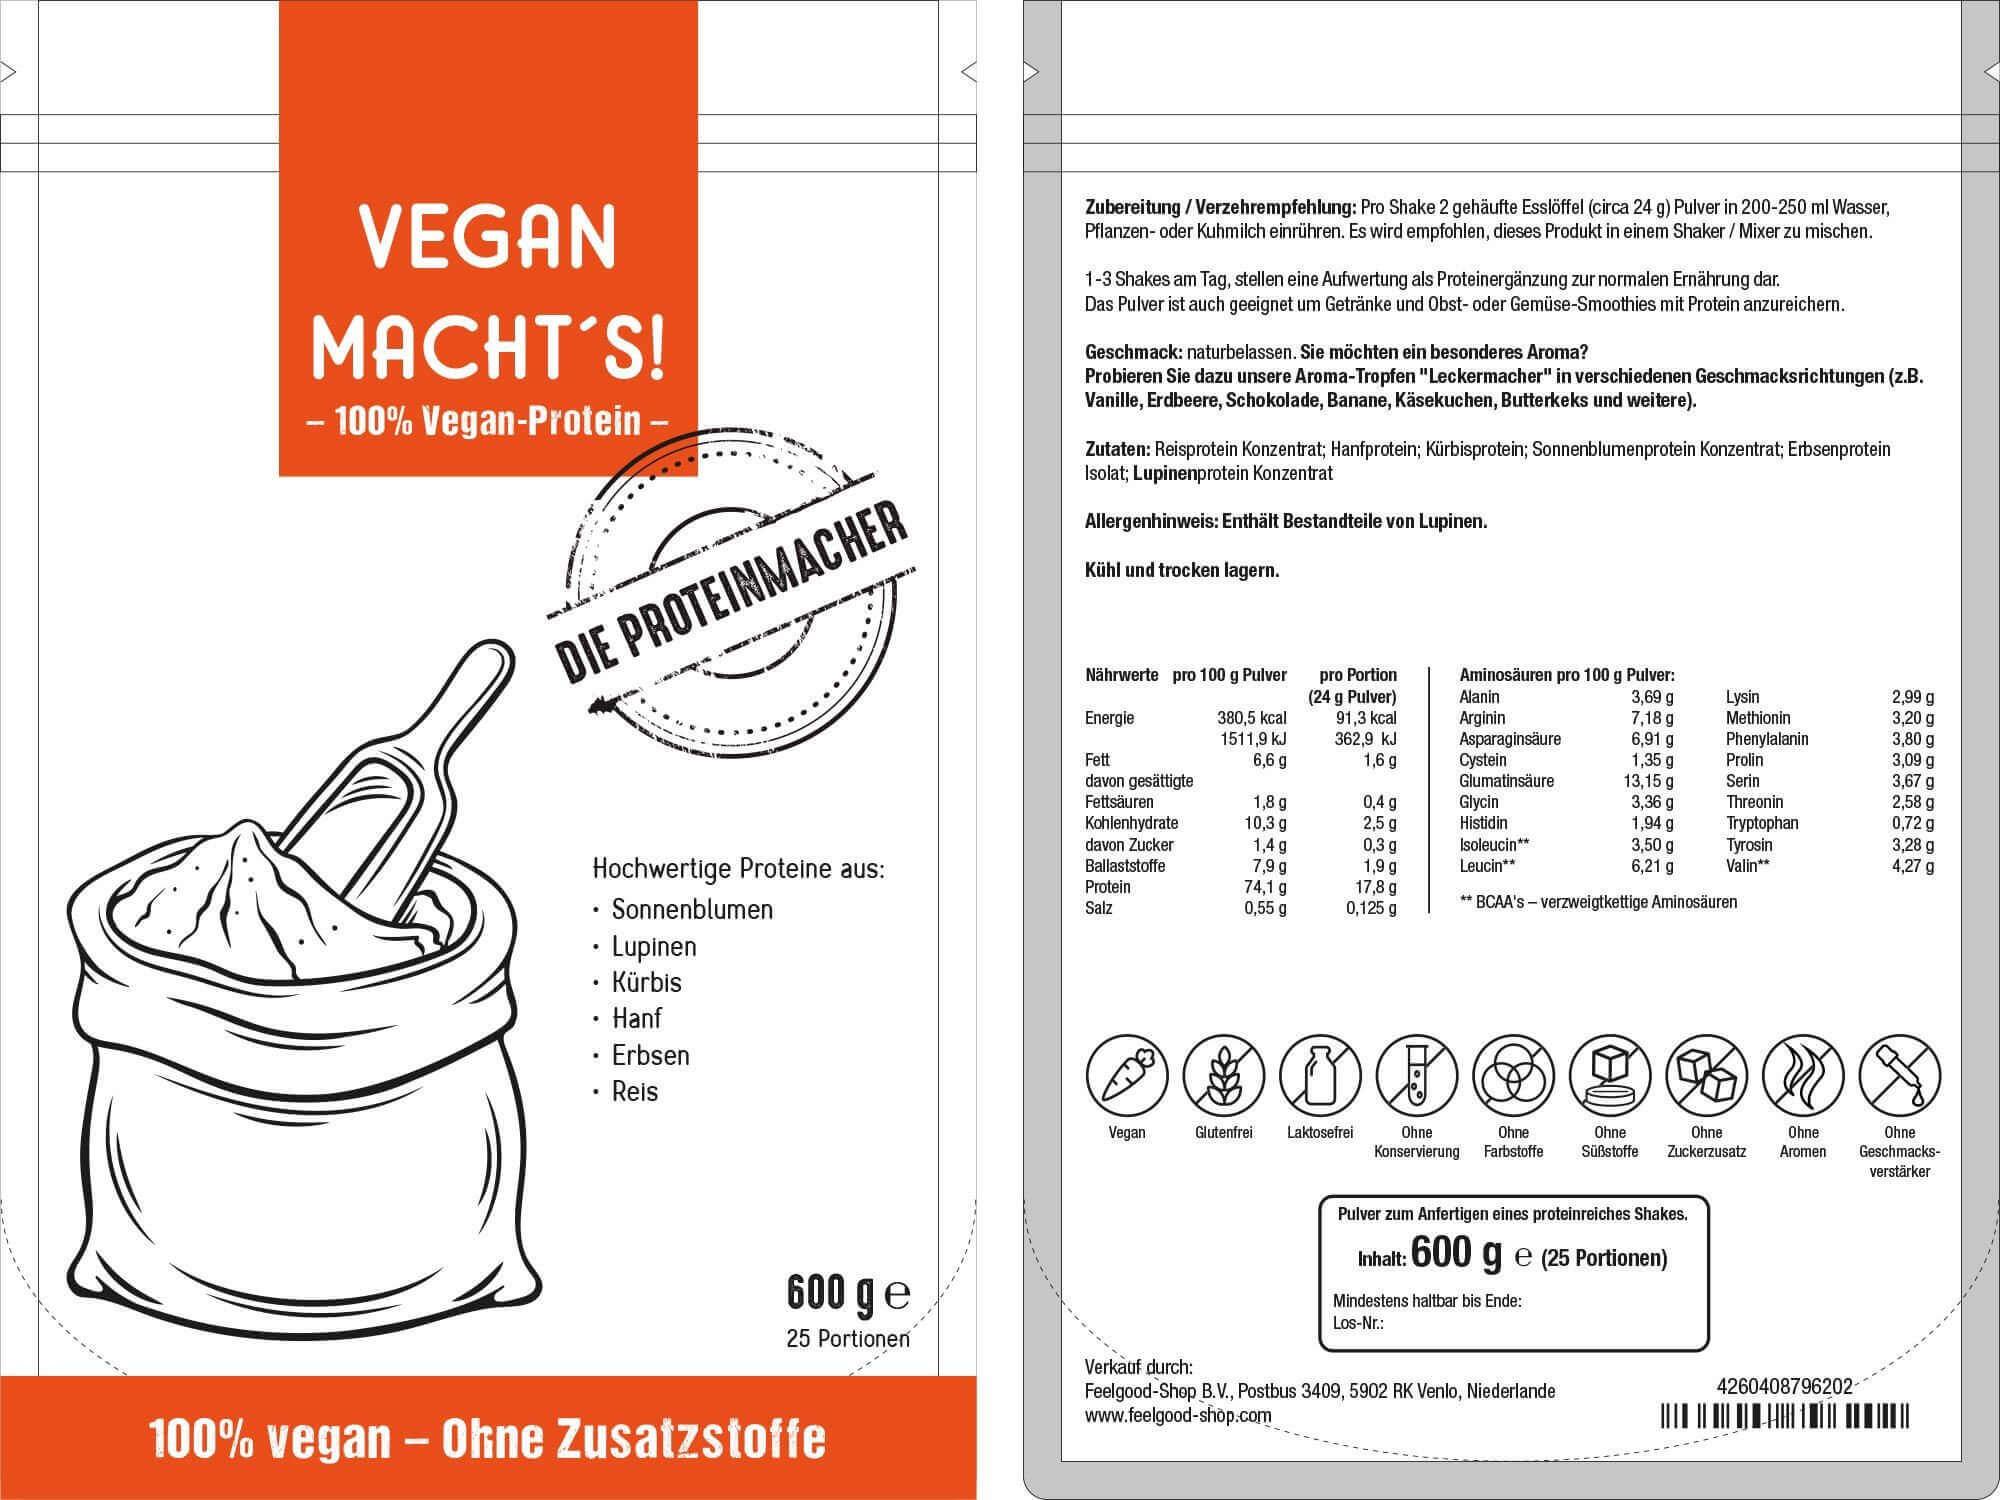 VEGAN MACHT'S - Veganes Proteinpulver